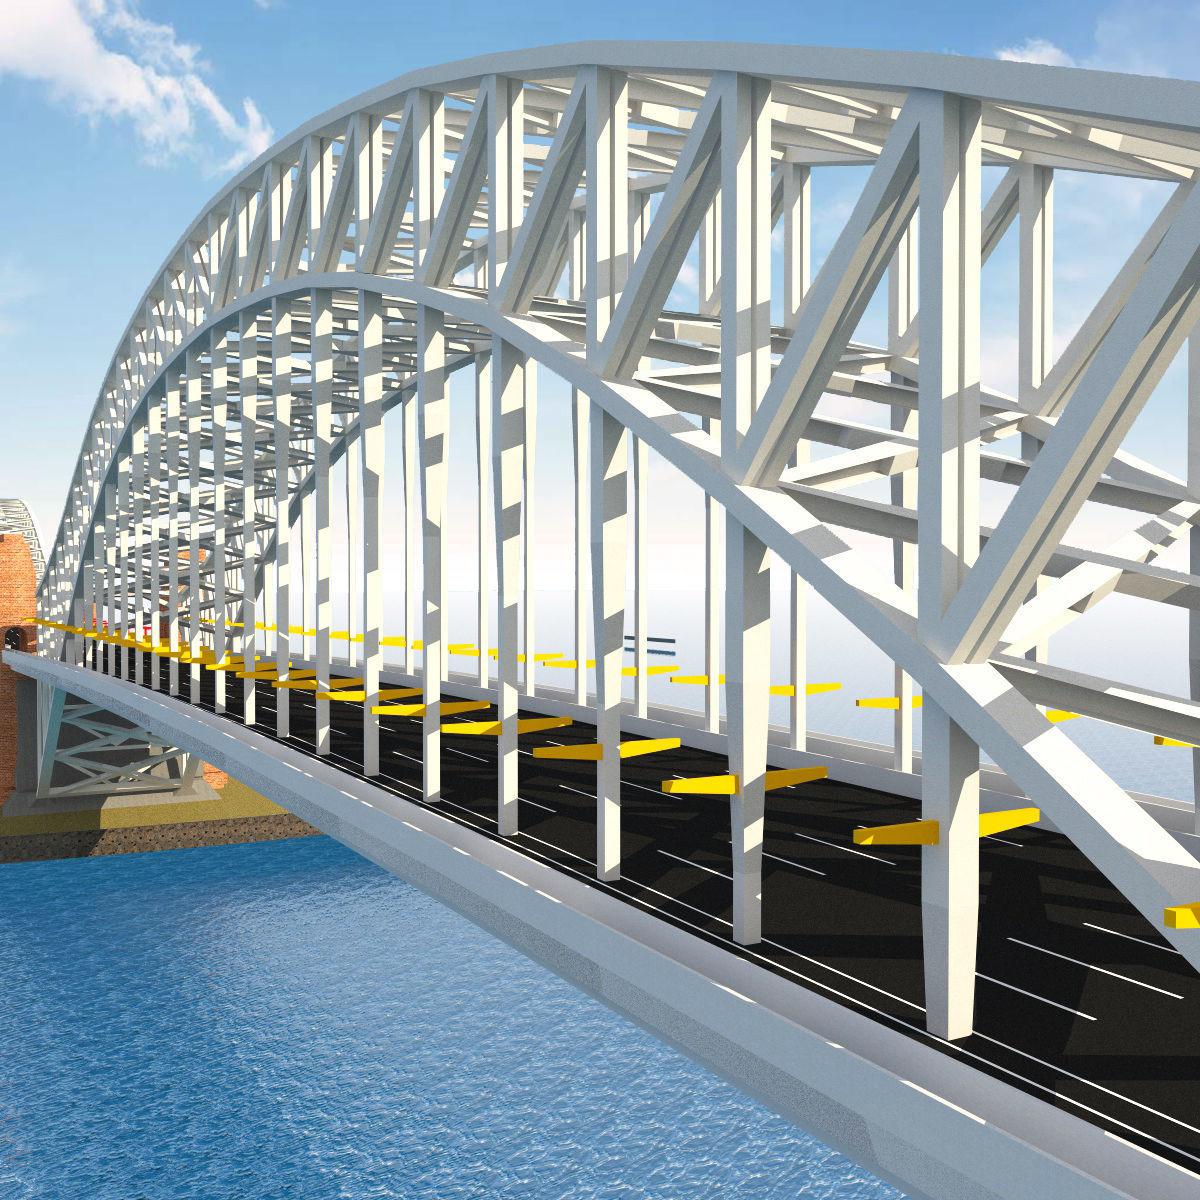 Metal Structured Bridge | 3D model